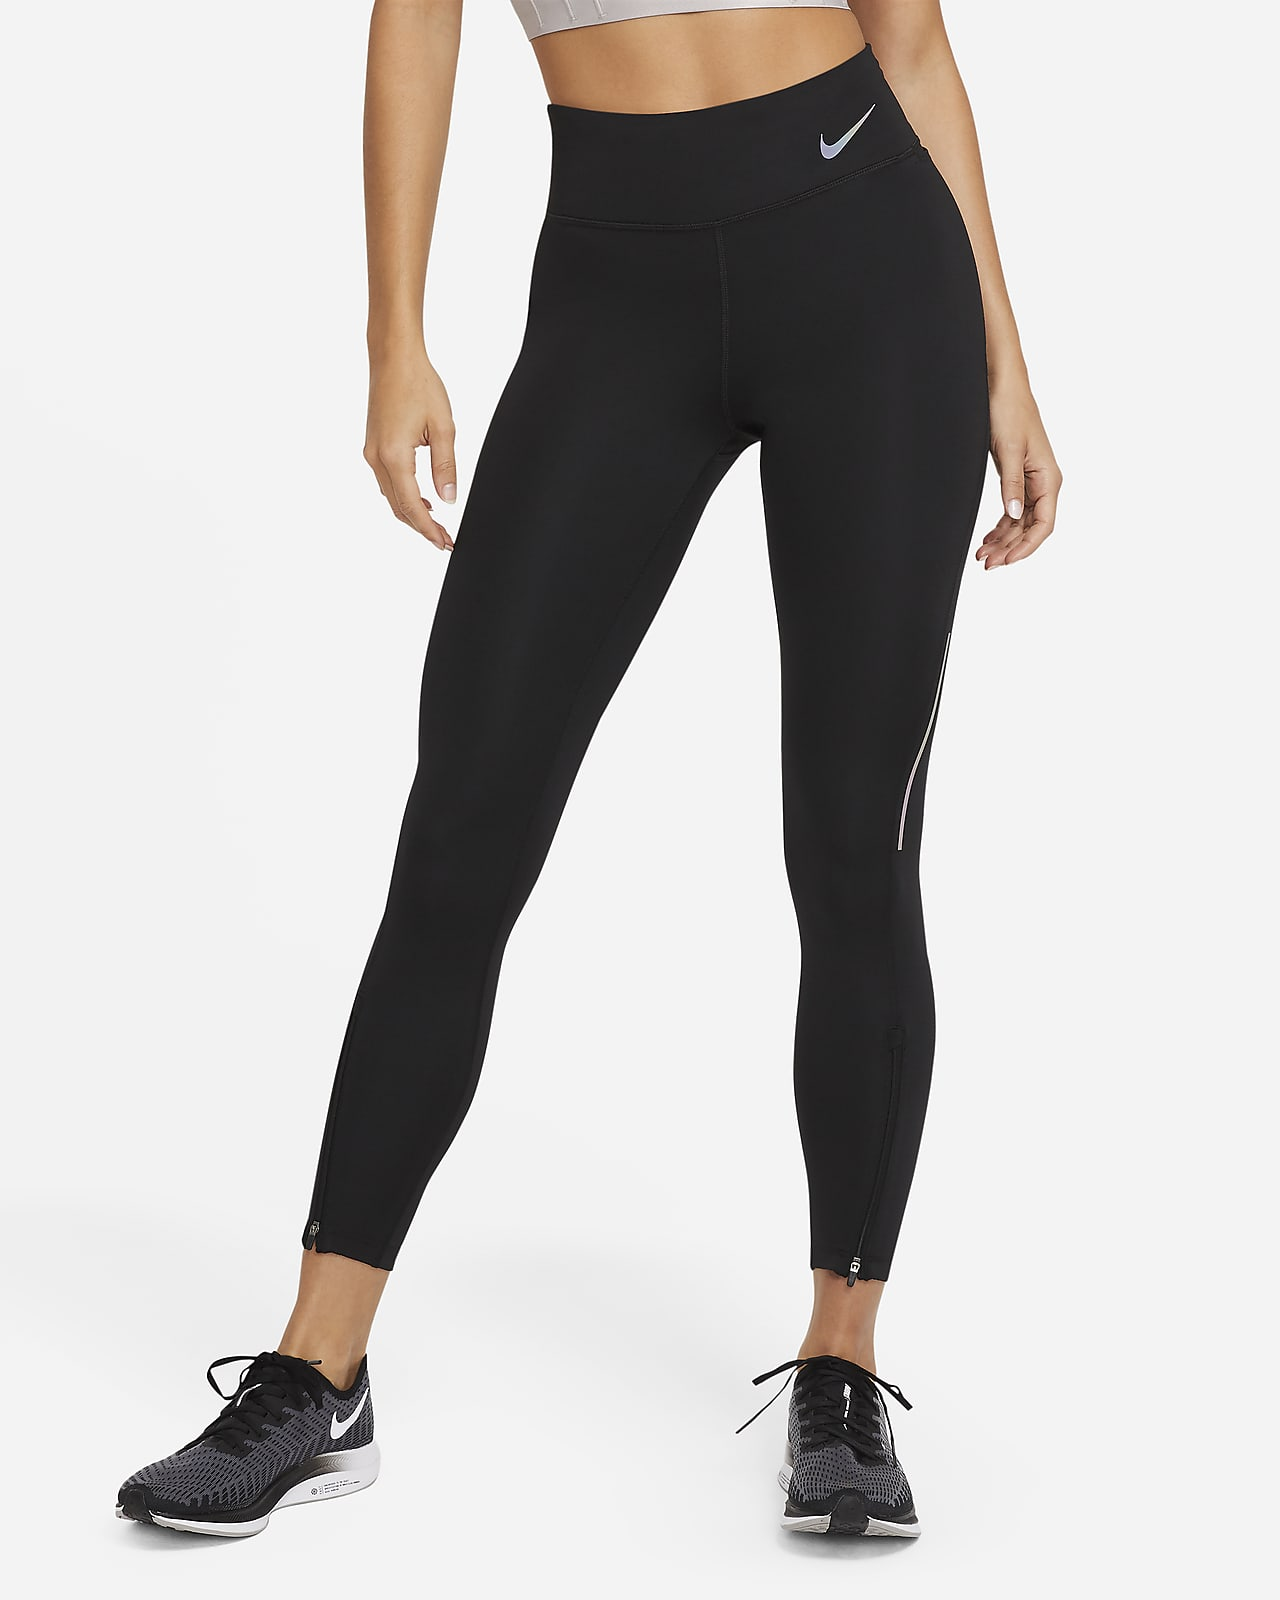 Nike Epic Faster Women's Mid-Rise 7/8 Running Leggings